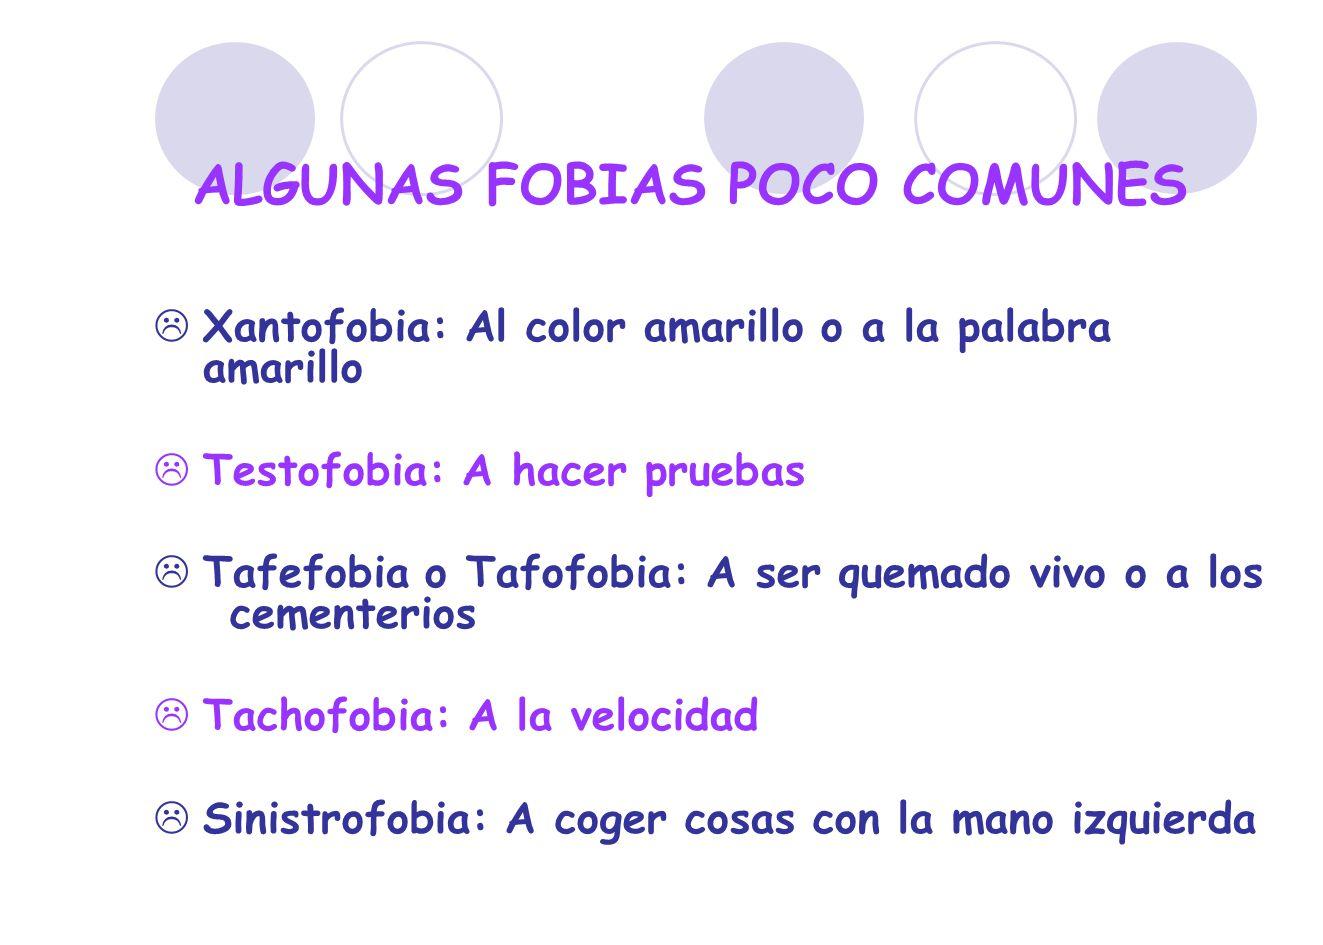 ALGUNAS FOBIAS POCO COMUNES